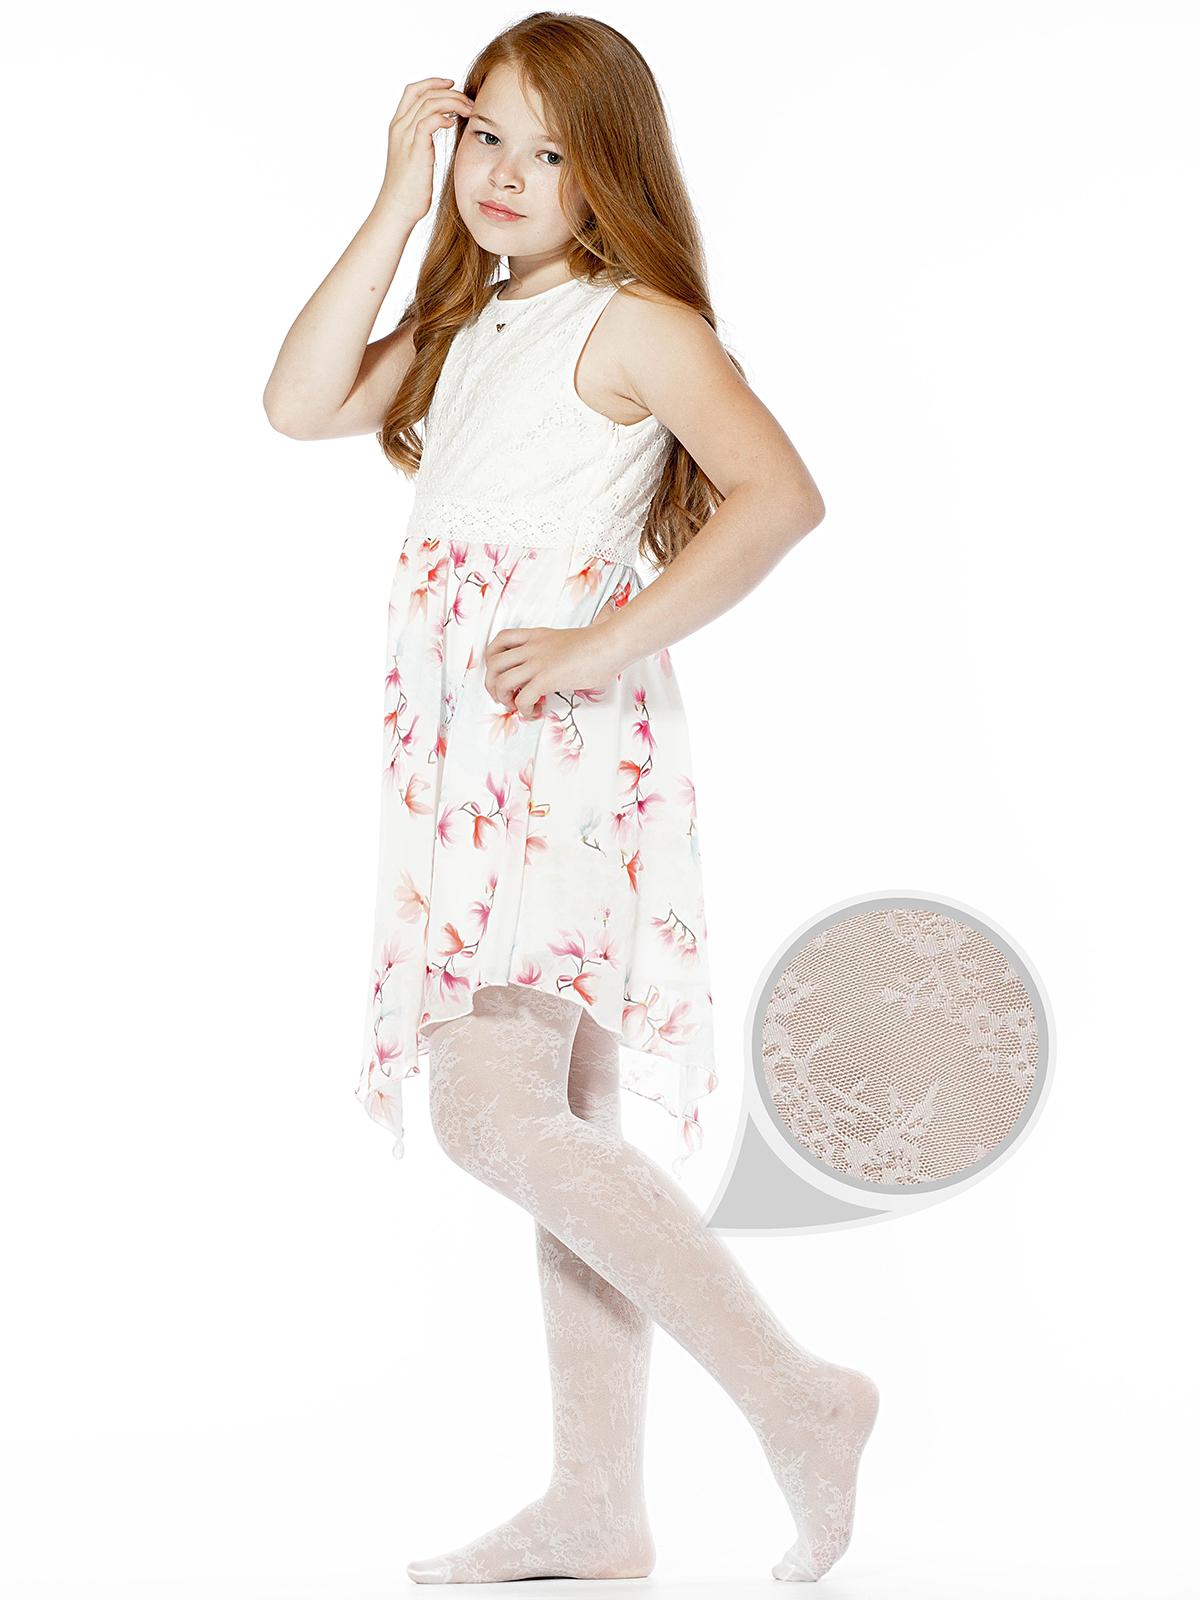 Купить CARLY01, Колготки детские Giulia CARLY 01, bianco, р.140-146, Колготки для девочек